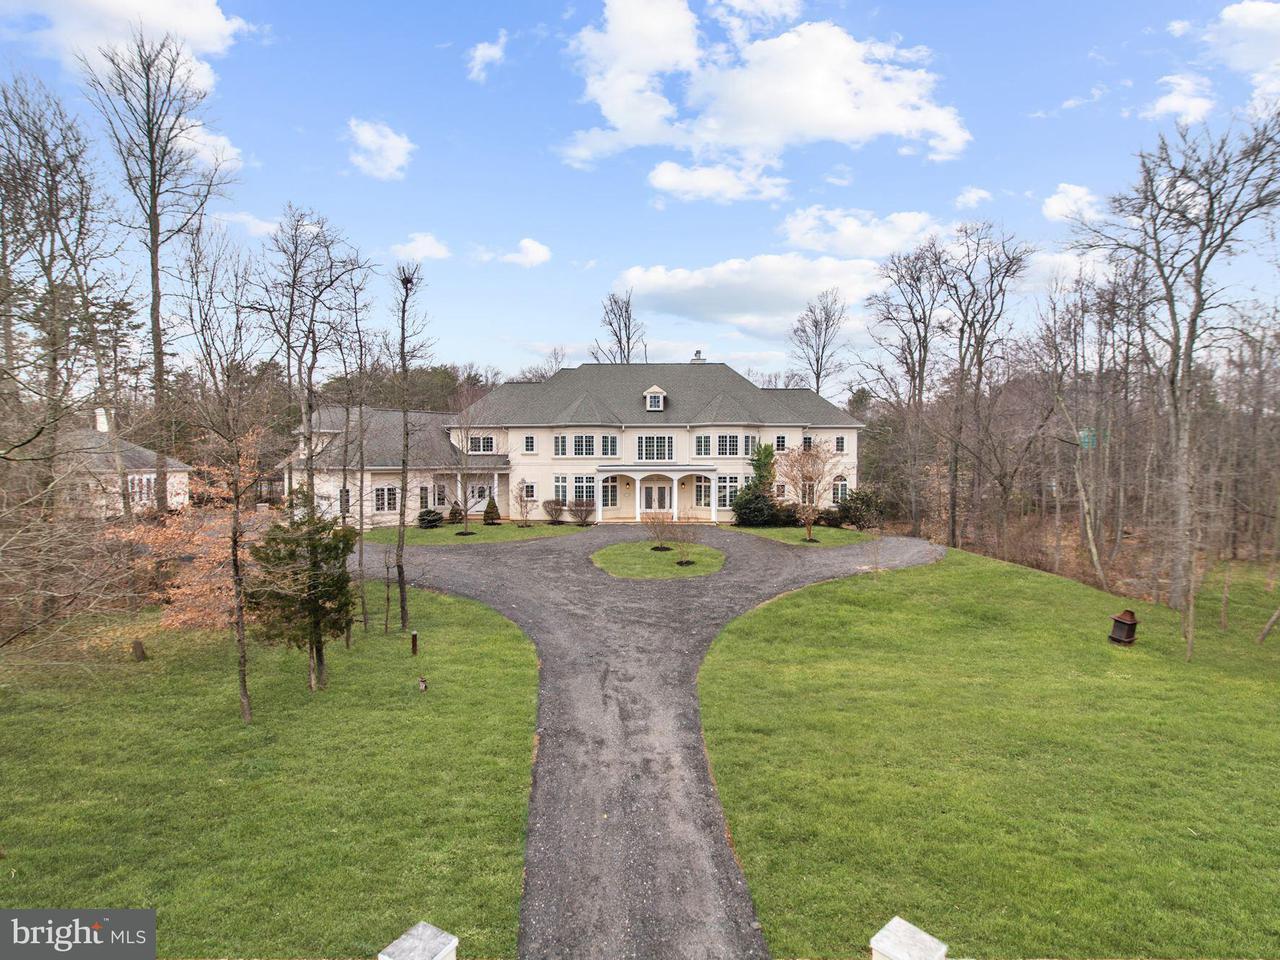 Maison unifamiliale pour l Vente à 6300 Little Ox Road 6300 Little Ox Road Fairfax Station, Virginia 22039 États-Unis